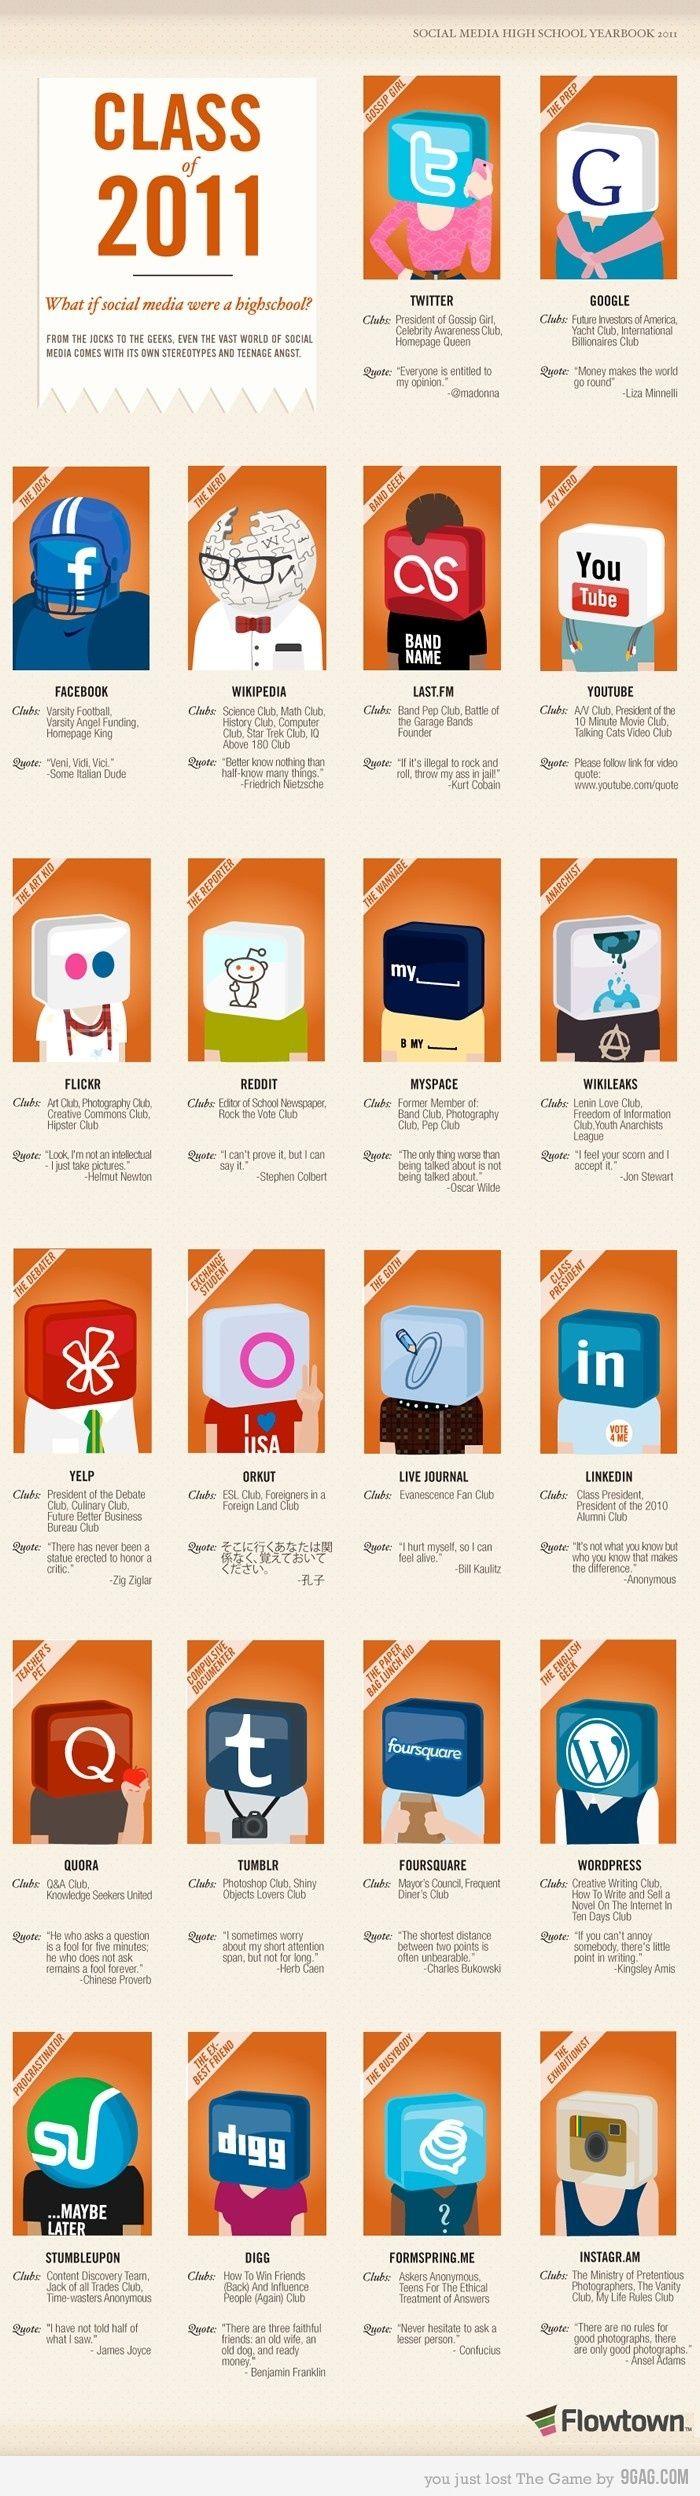 social media as students: Social Network, Media Yearbooks, Social Media, High Schools Yearbooks, Clas, Infographic, Socialmedia, Design, Medium